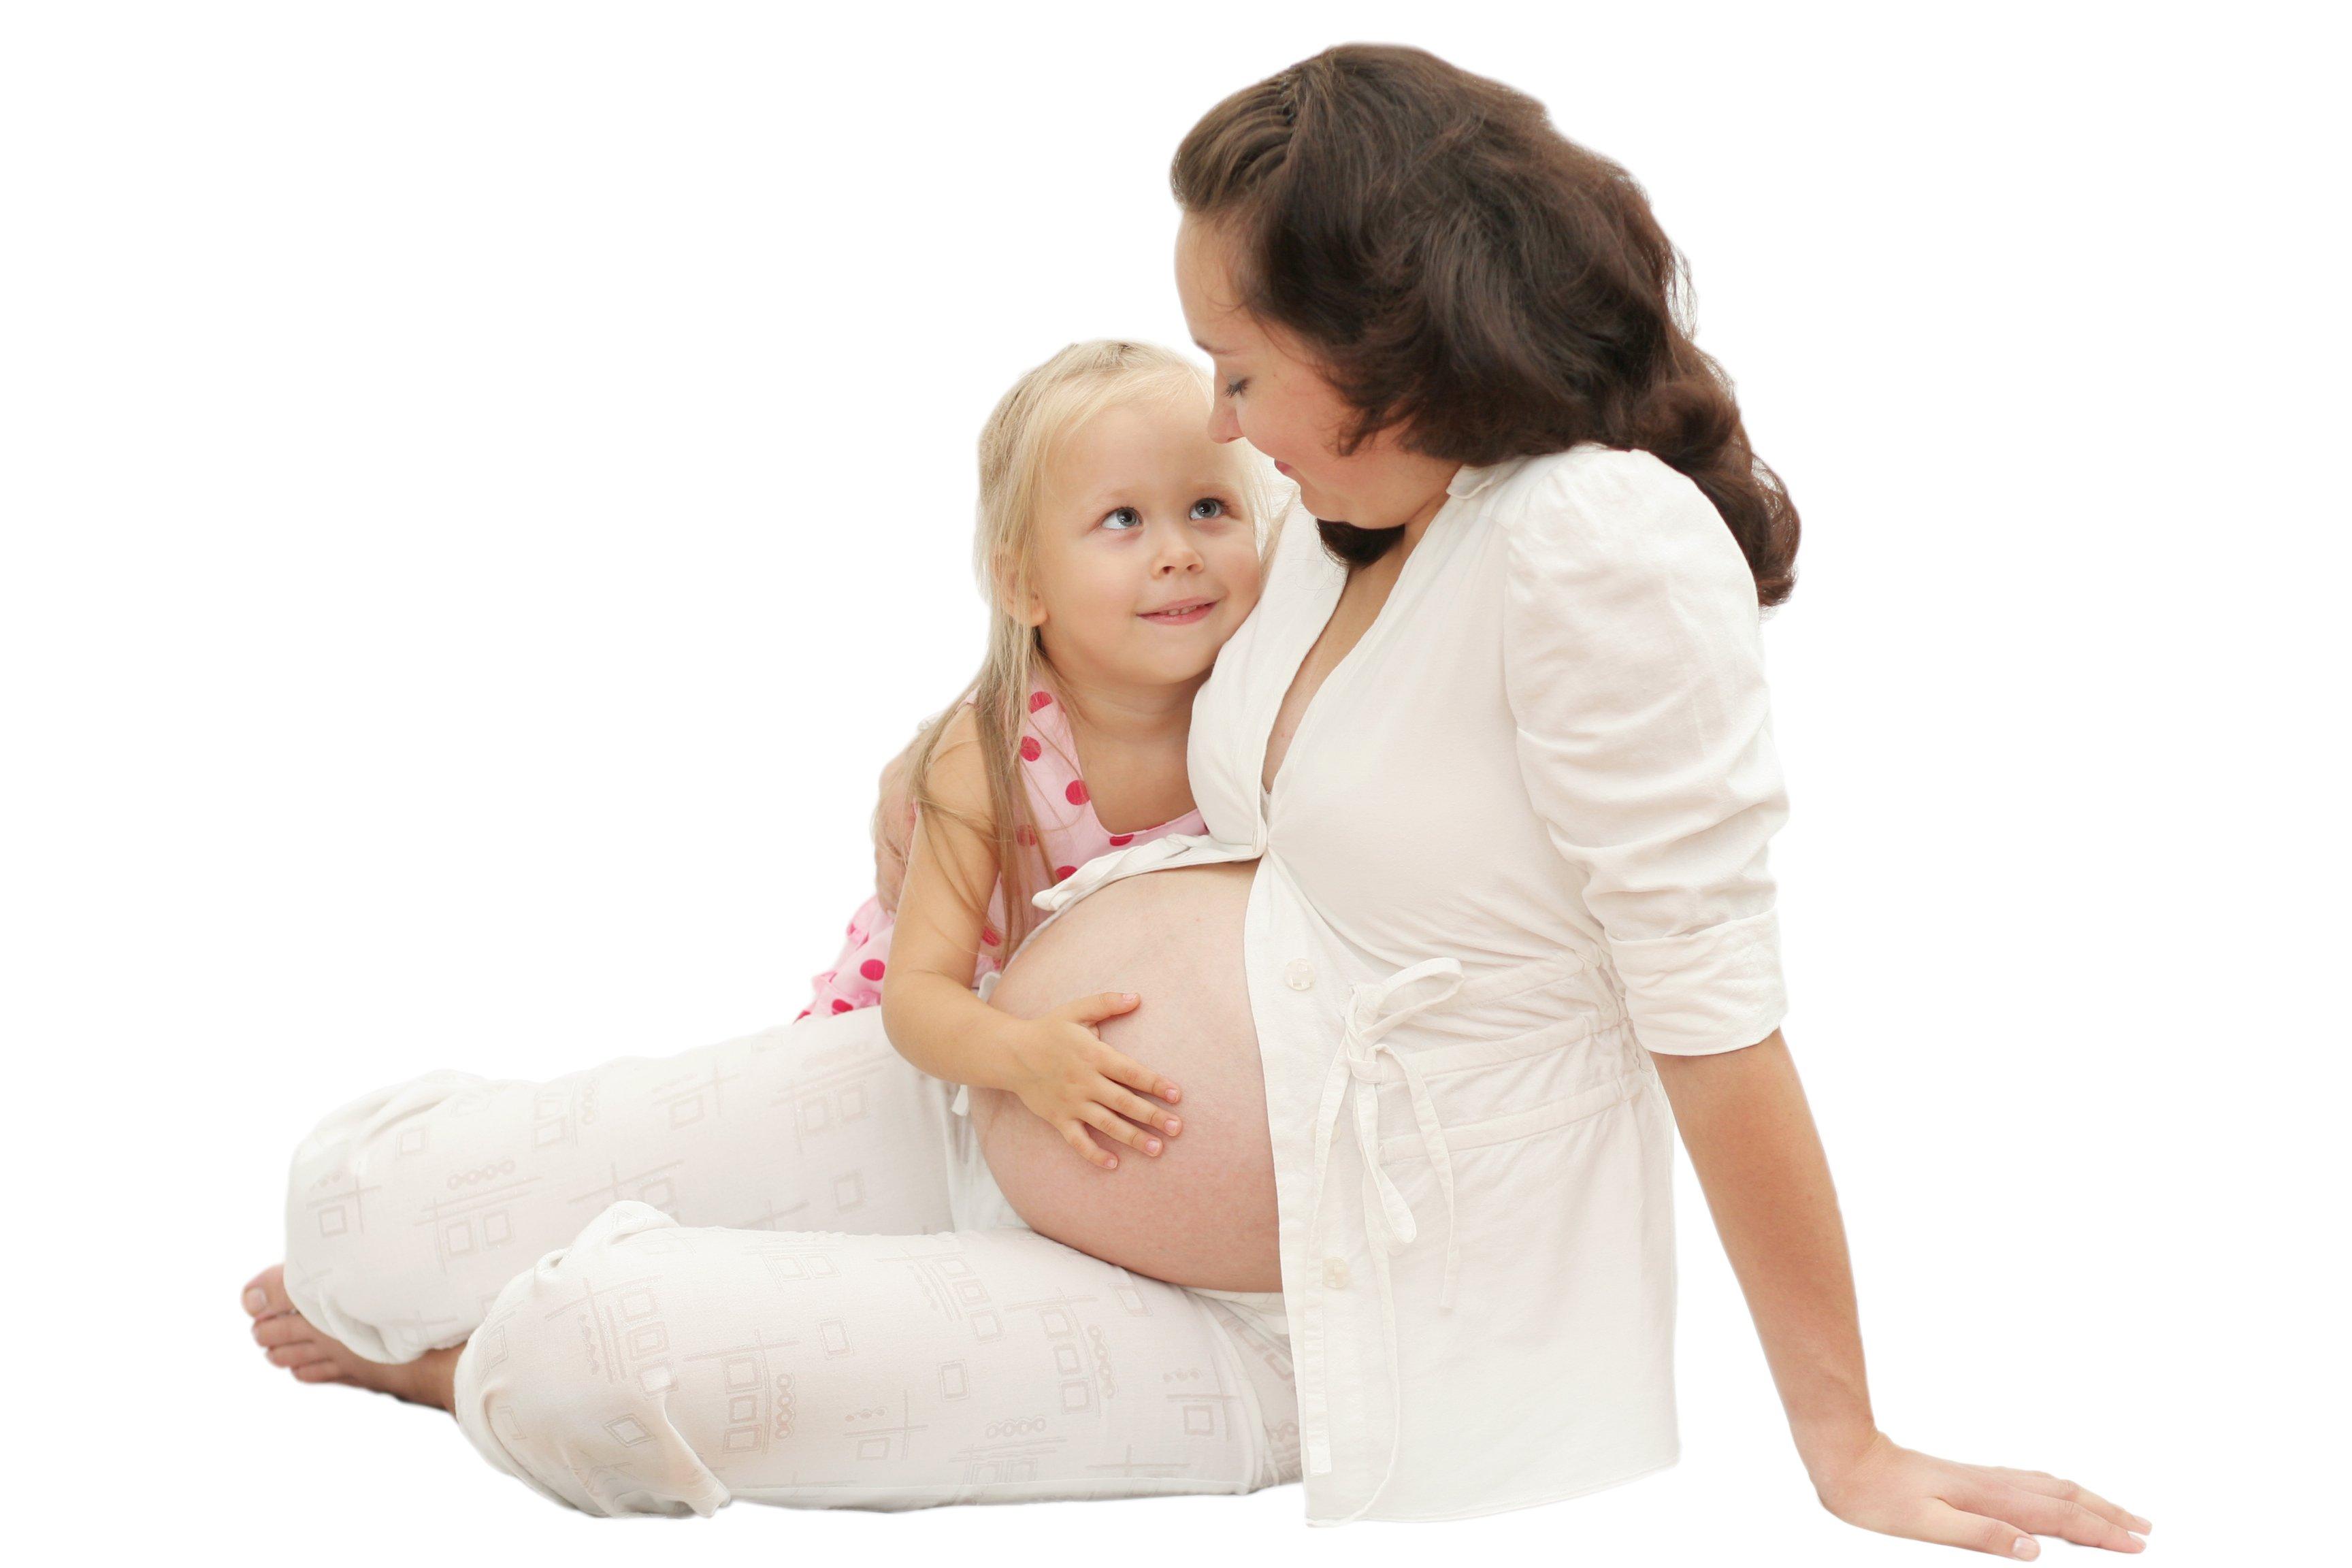 Беременность 34 недели предосторожности при анальном сексе